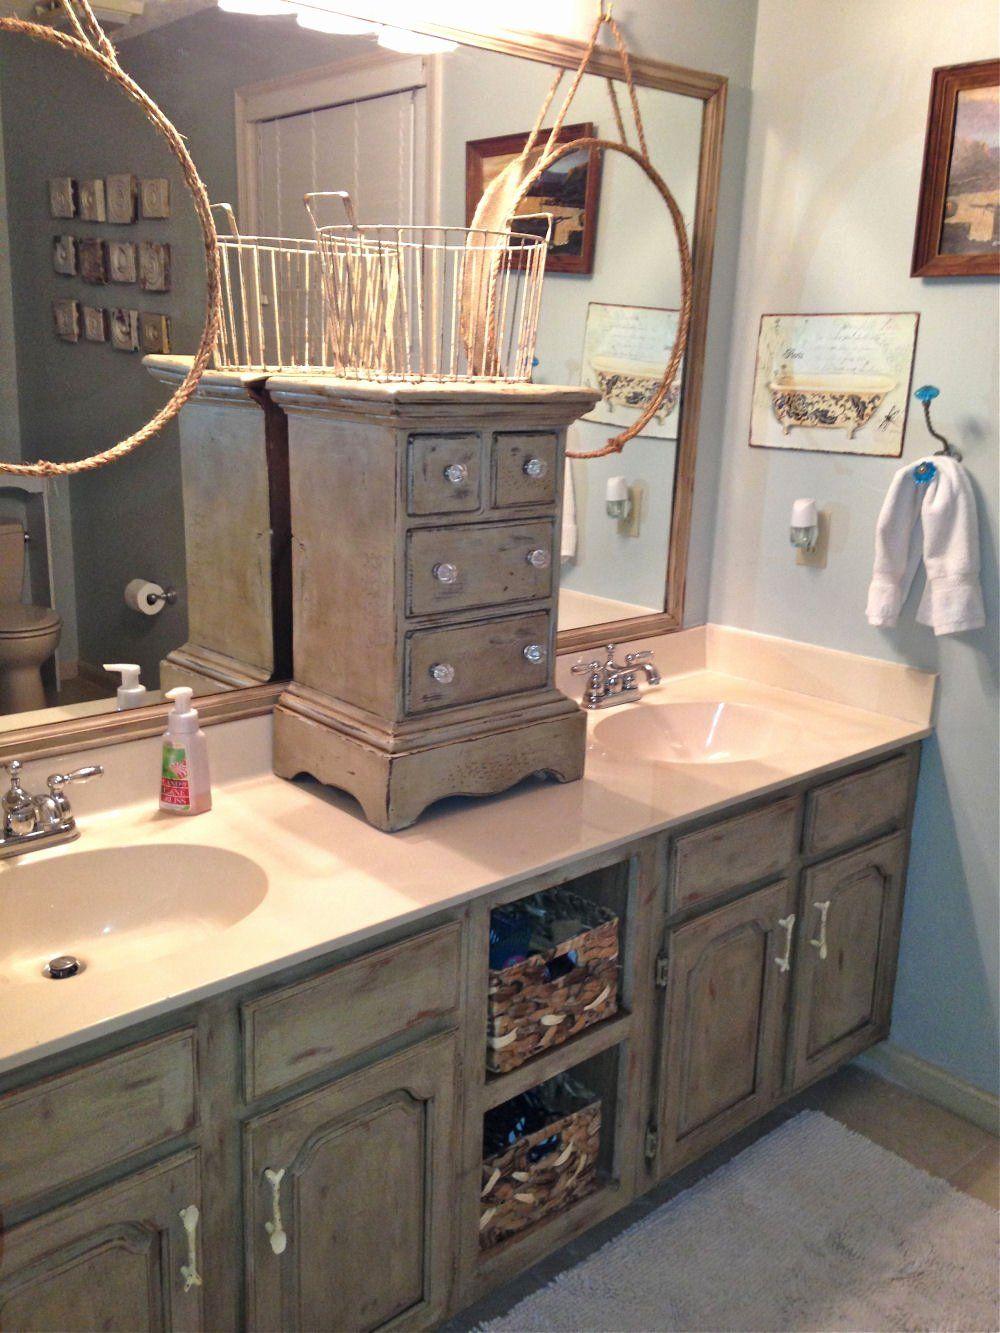 Pneumatic Addict Furniture 7 Best Diy Bathroom Vanity Makeovers Bathroom Vanity Makeover Diy Bathroom Vanity Diy Bathroom Vanity Makeover